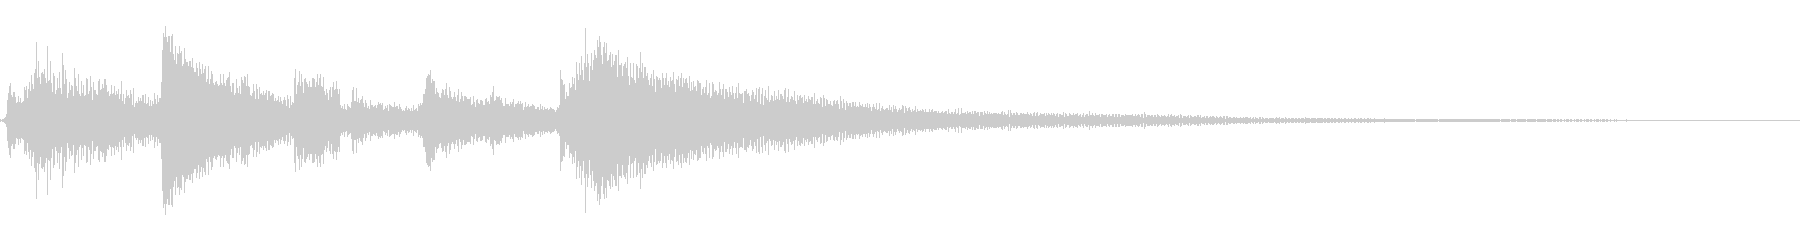 ★アコギジングル22/クール、おしゃれの未再生の波形